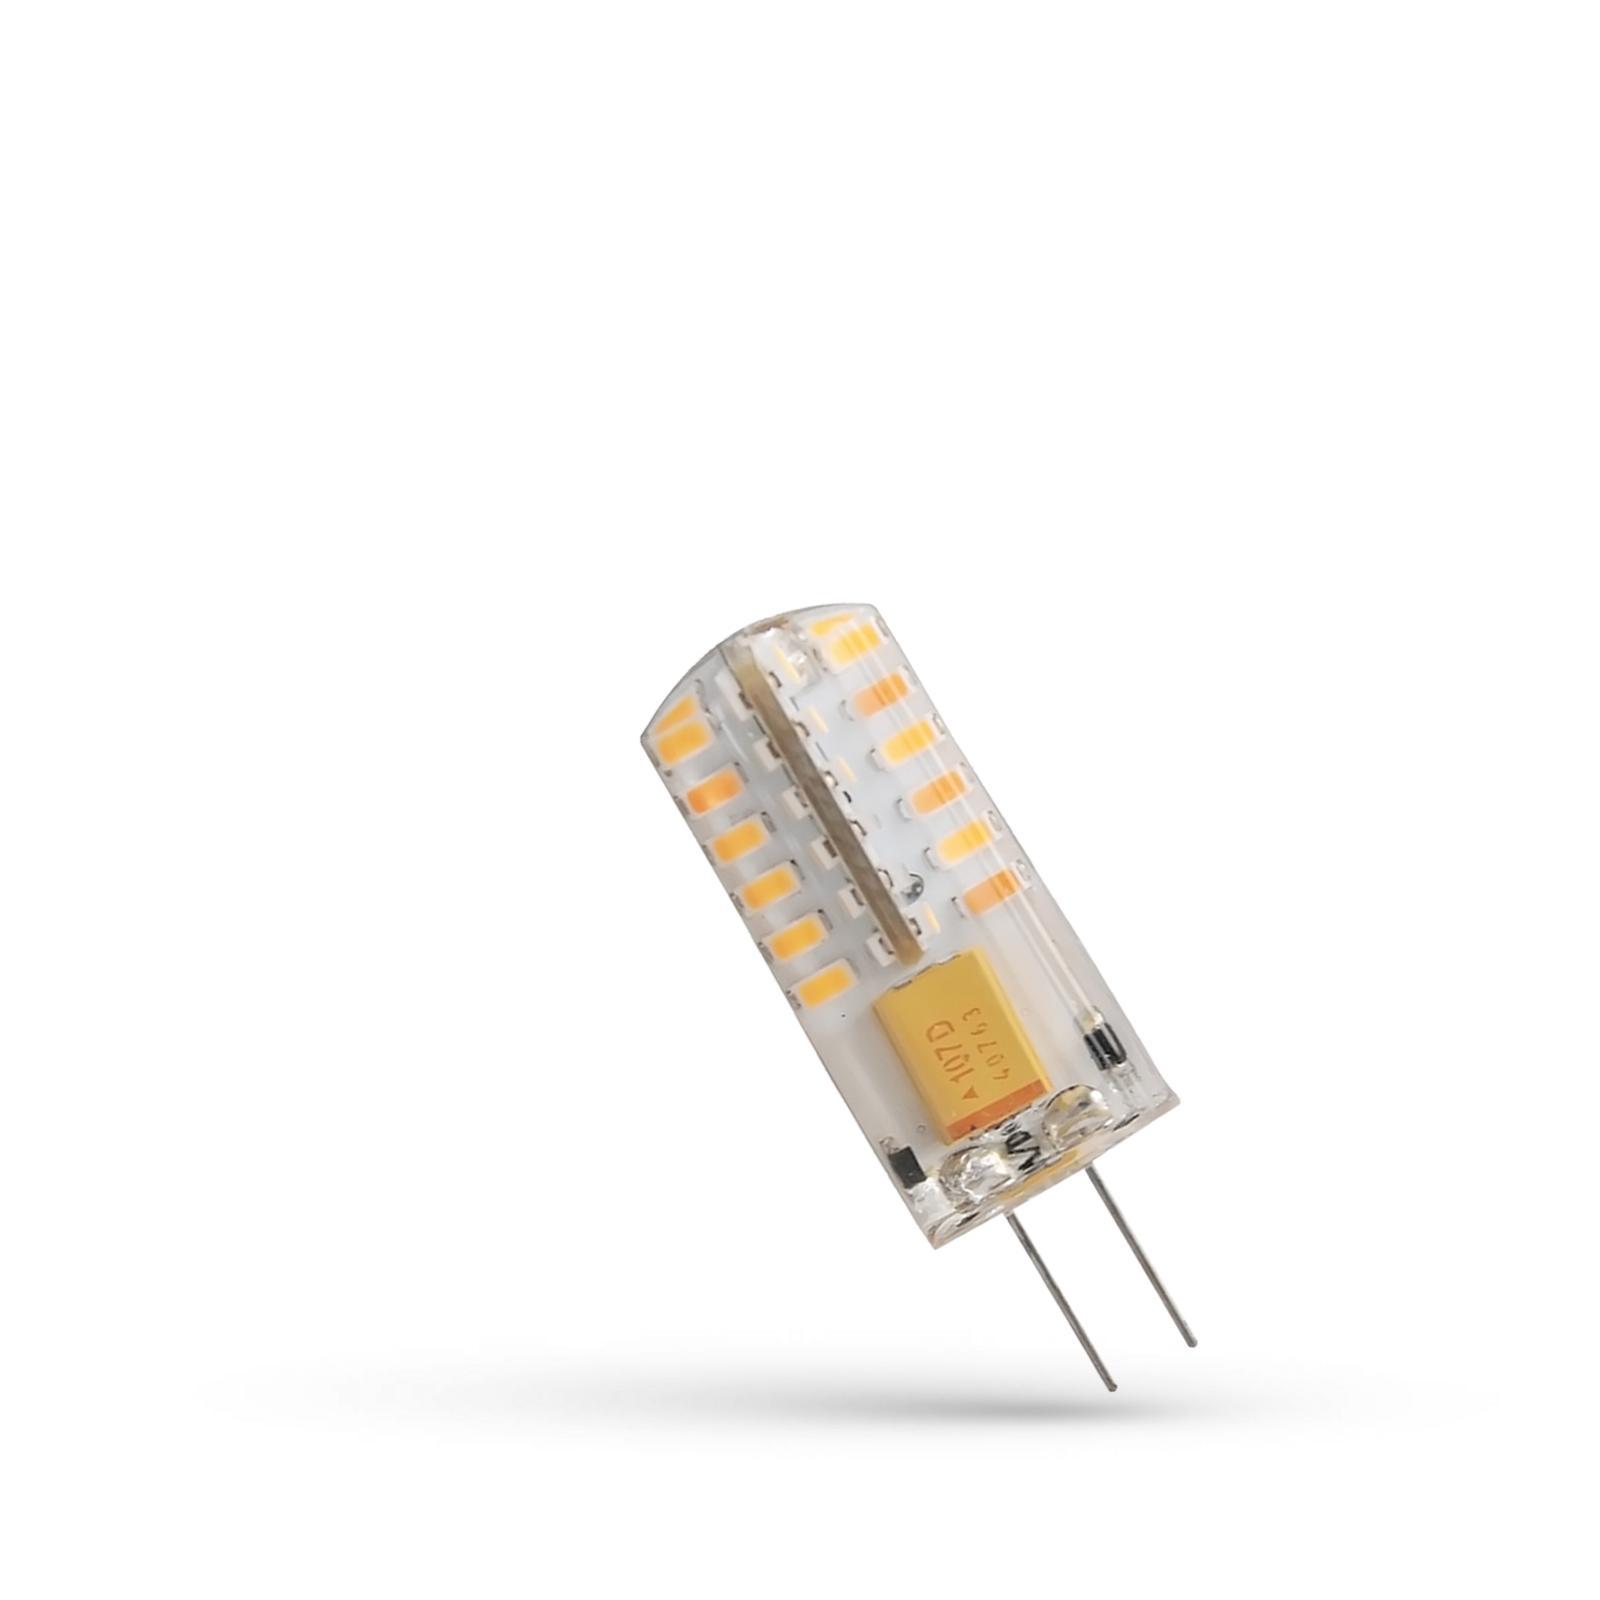 Stiftsockel LED G4 / GU4 165 Lumen